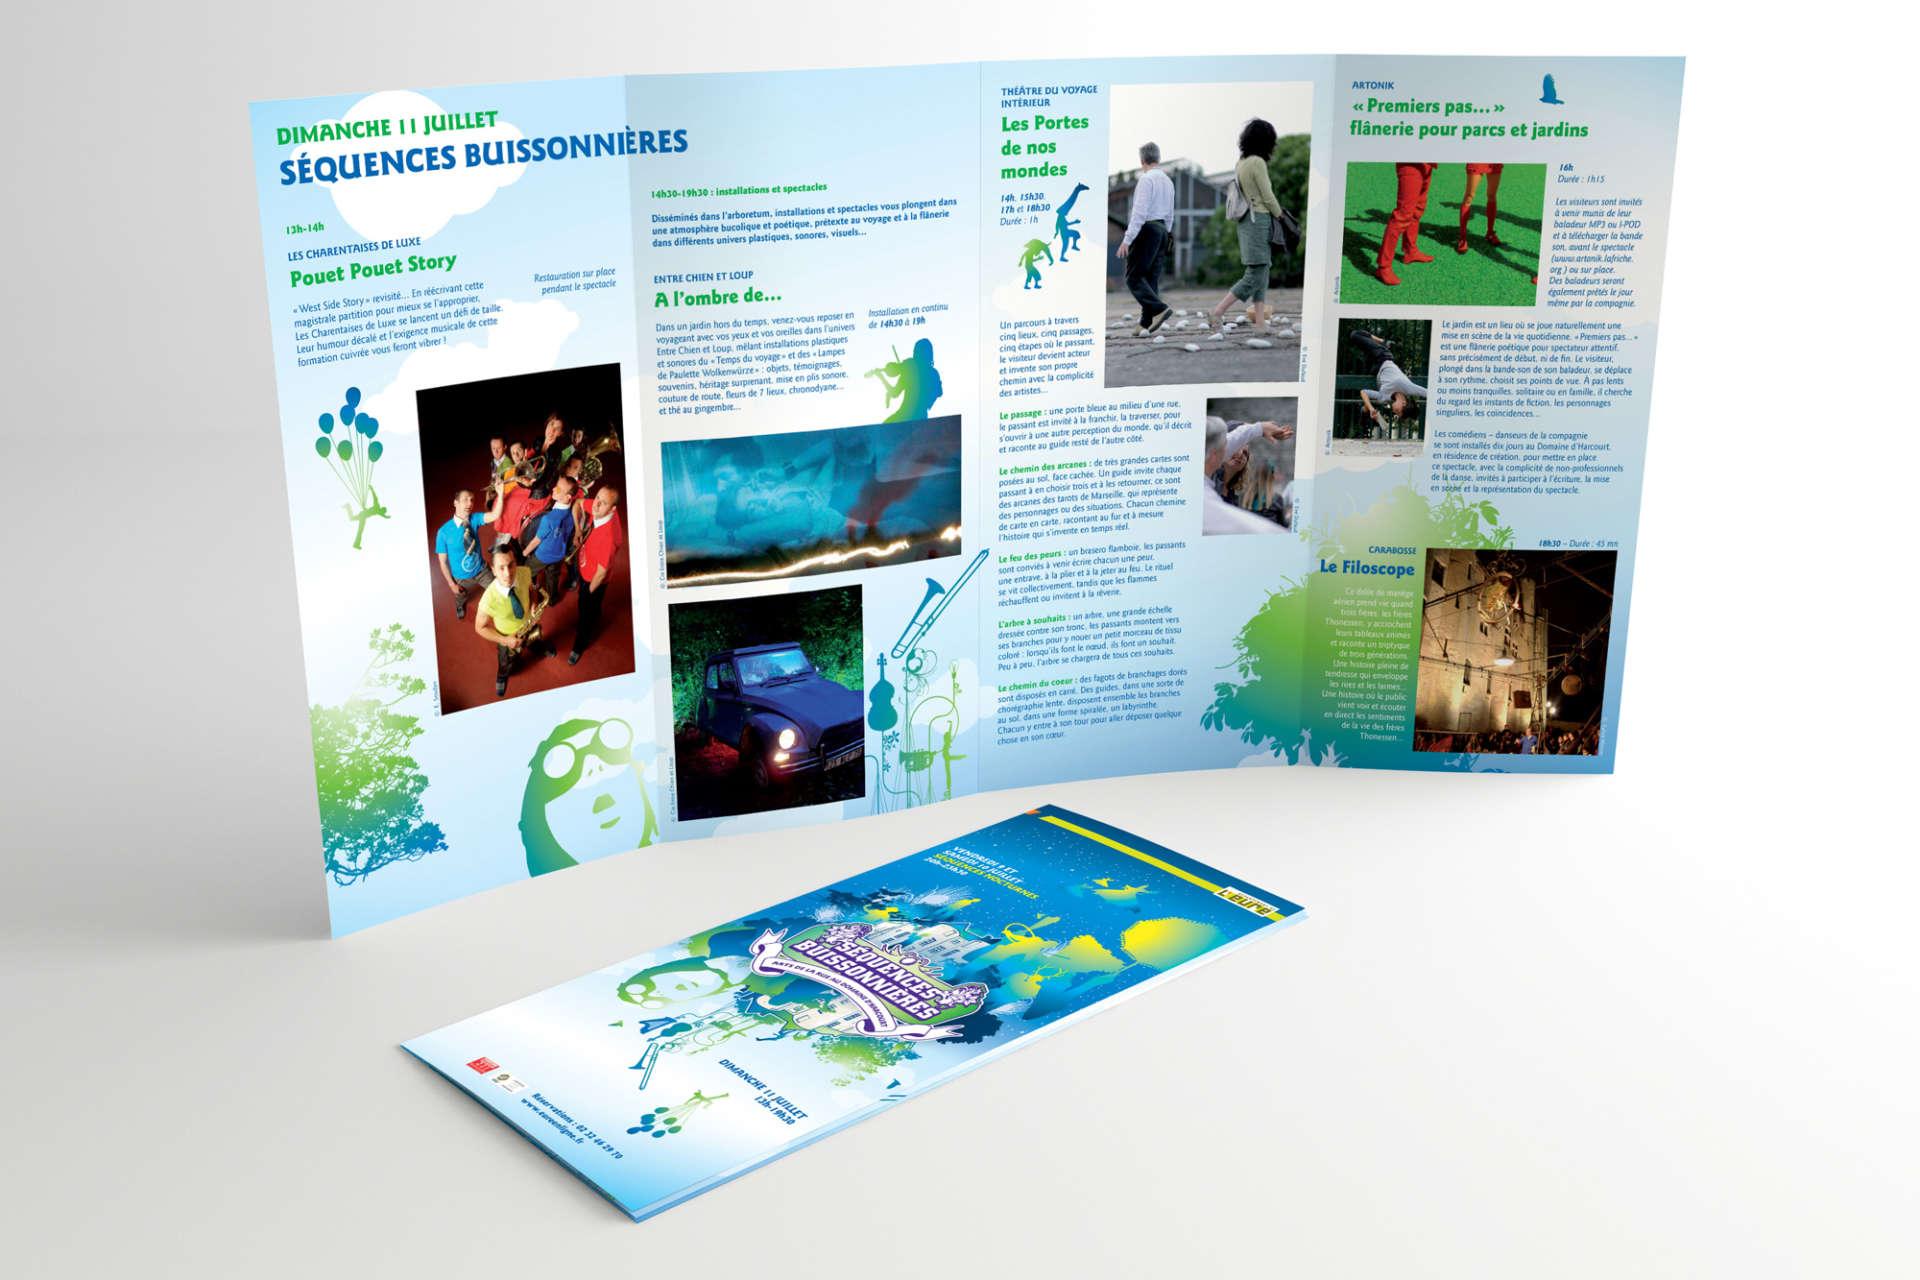 sq2010-depliant-book-04